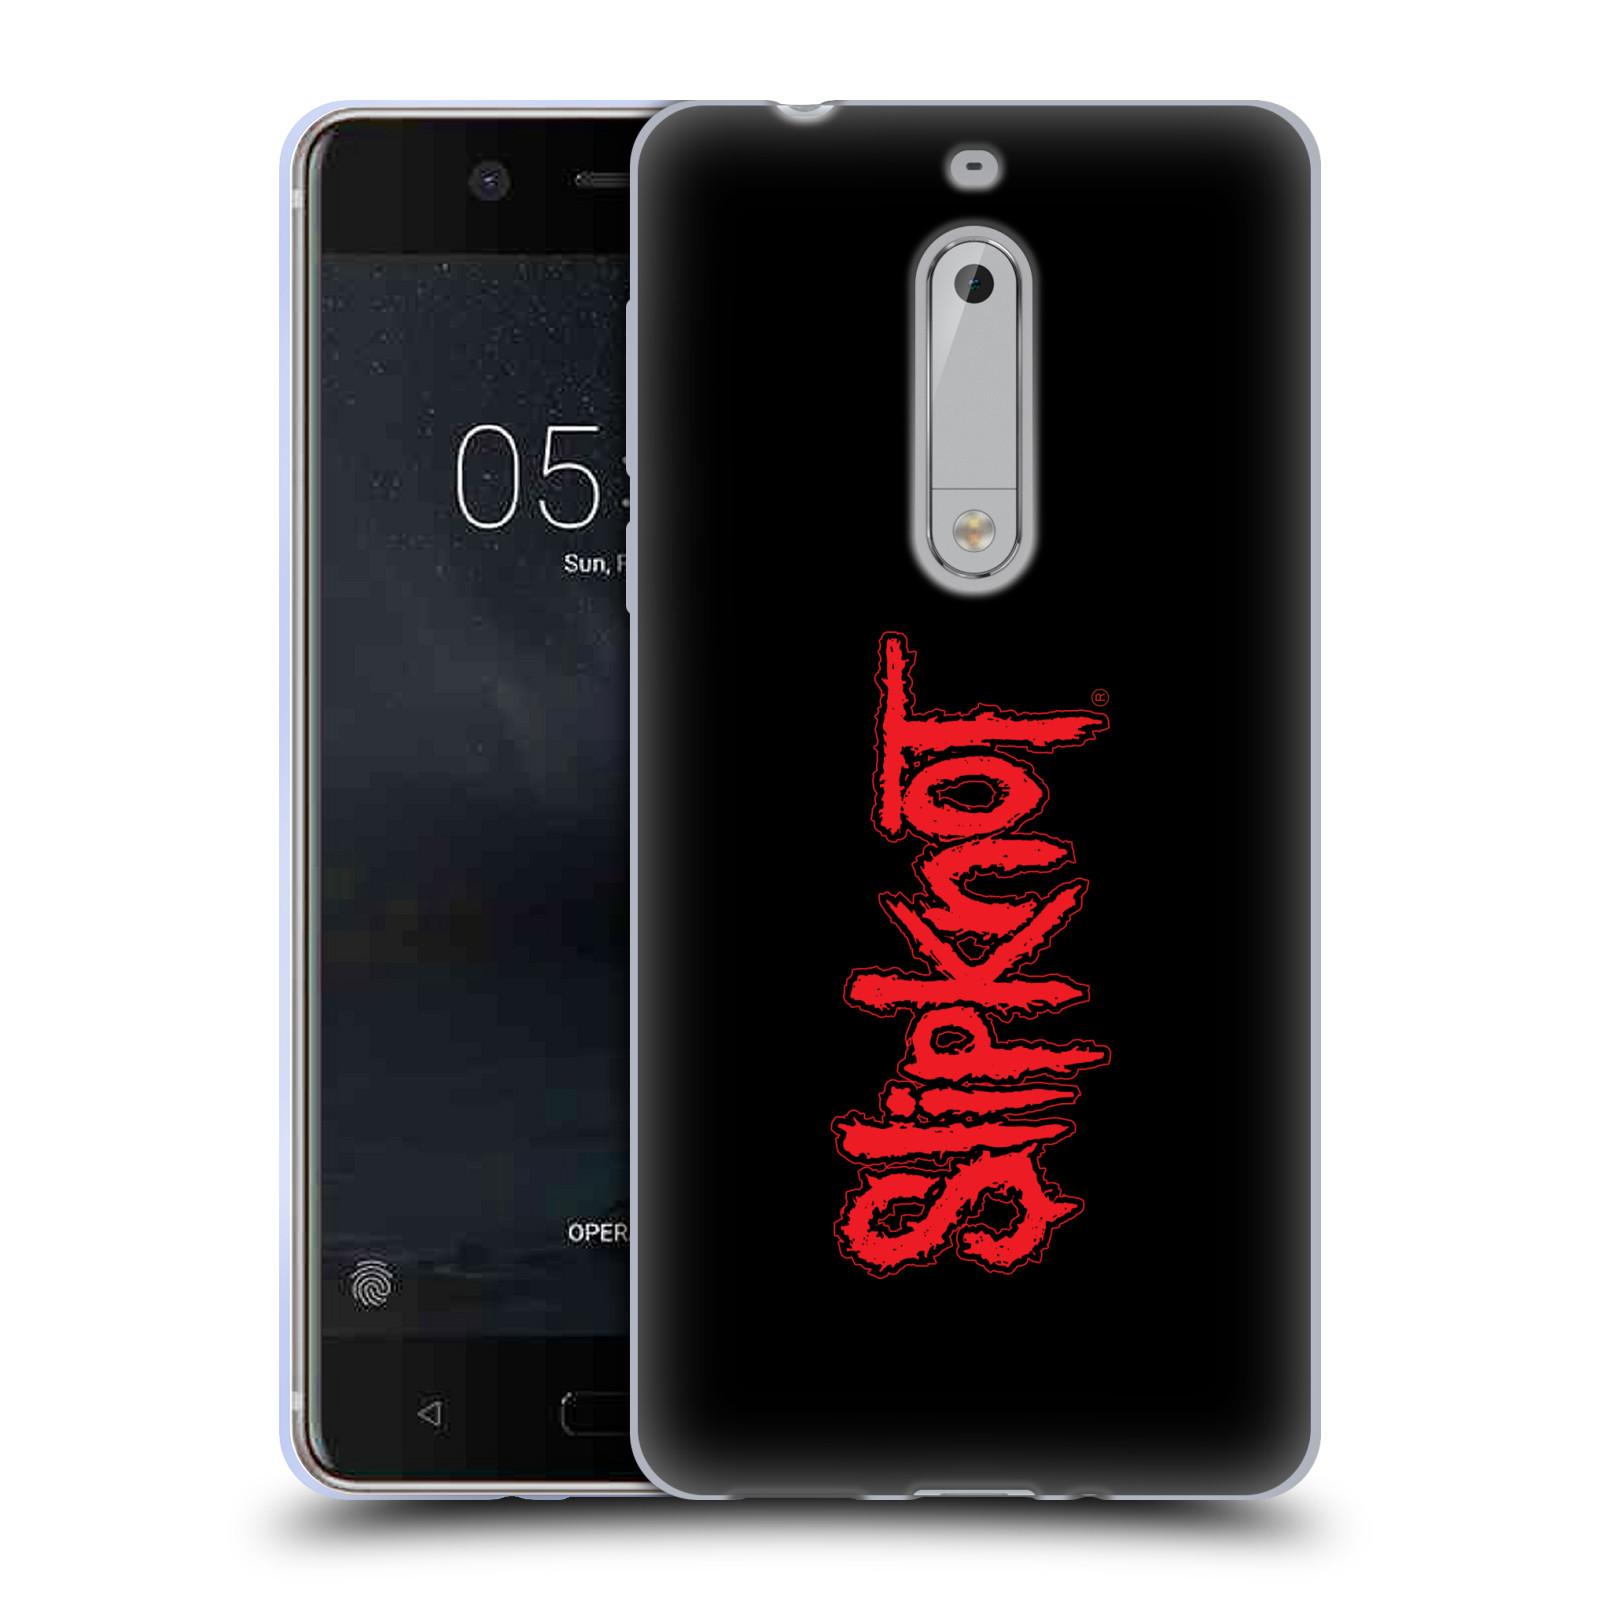 HEAD CASE silikonový obal na mobil Nokia 5 hudební skupina Slipknot logo velké